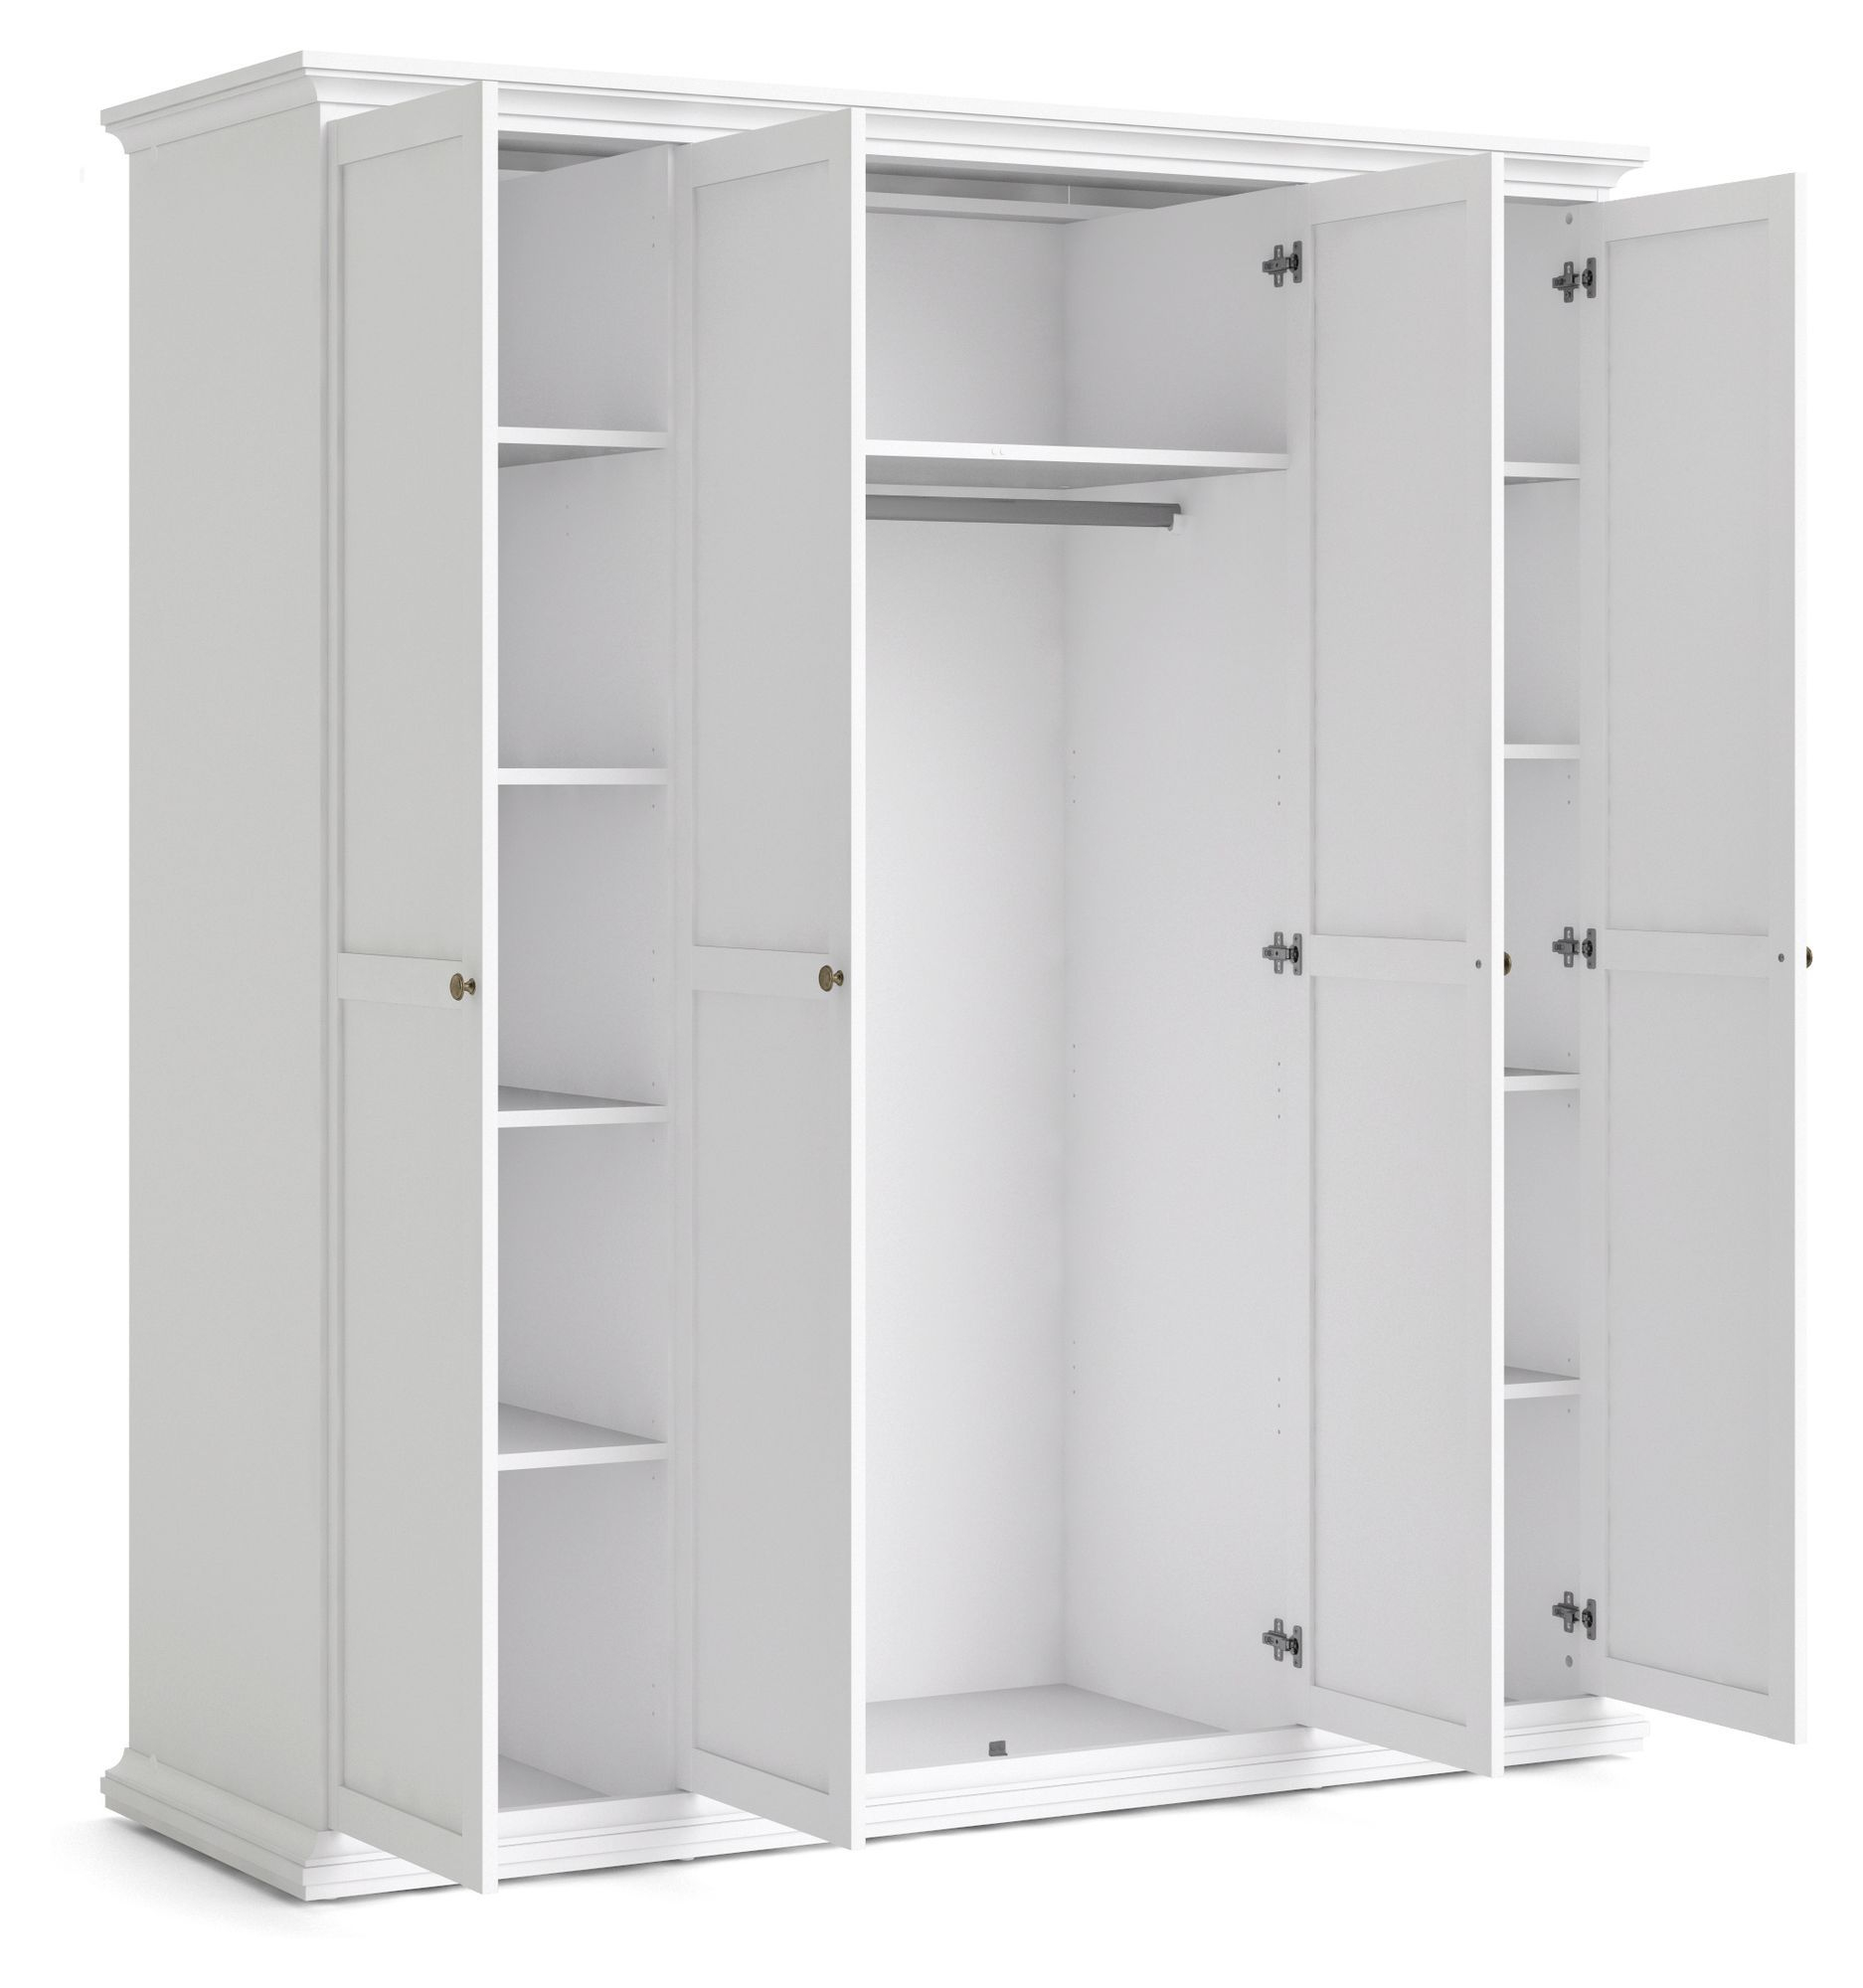 Paris Garderobeskab - Hvid B:181 - Garderobeskab med 4 låger i hvid